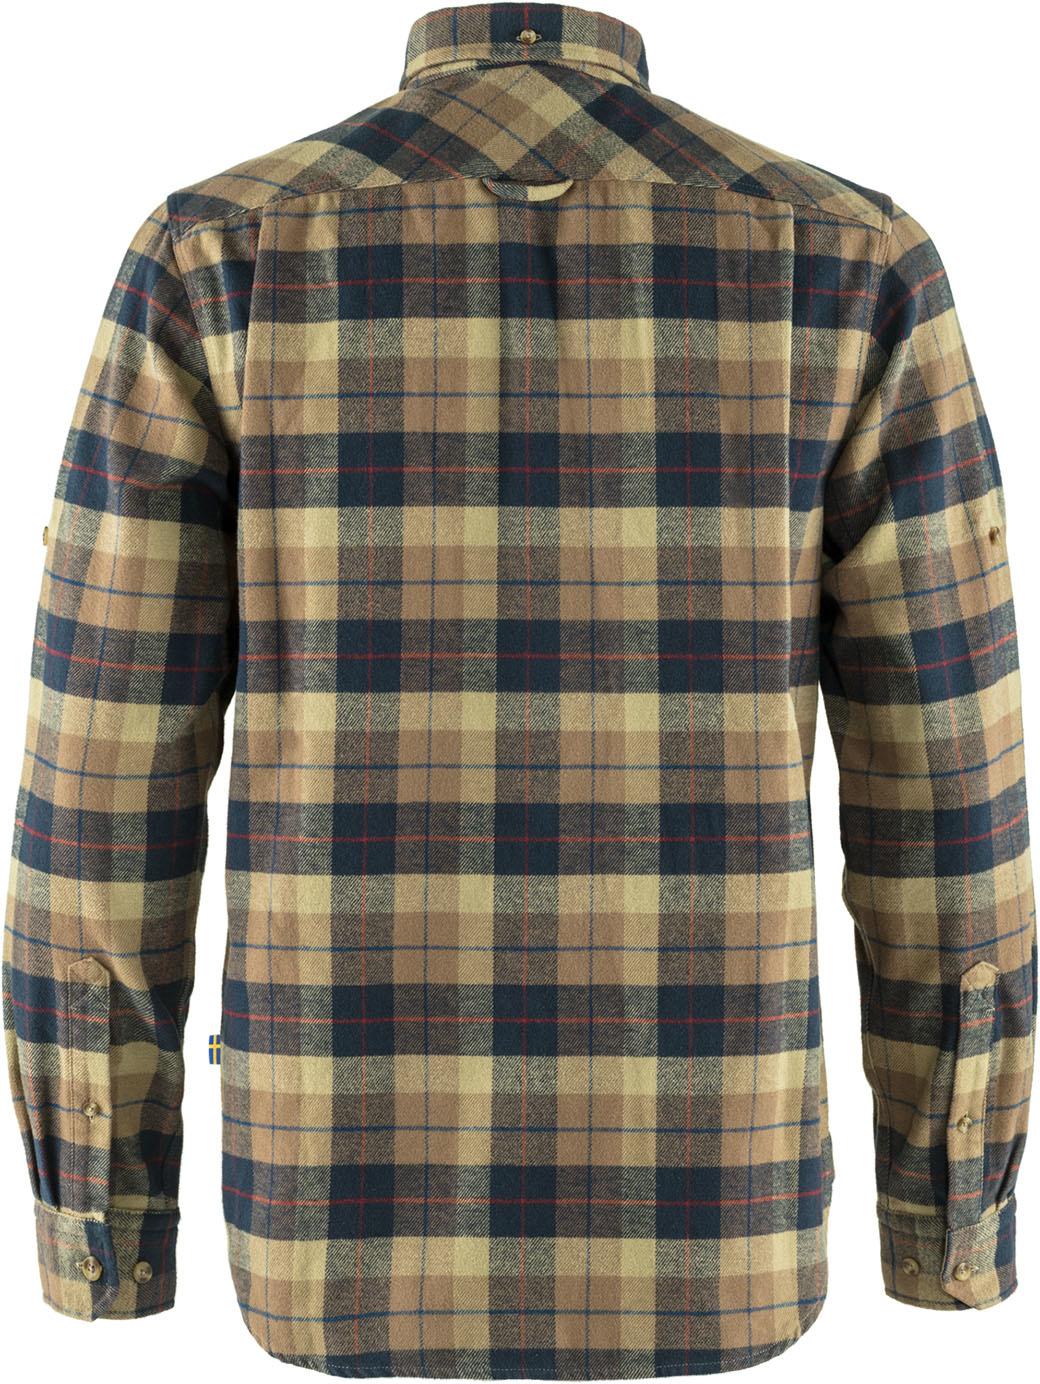 Fjällräven Singi Heavy Flannel Shirt M Dark Sand-2